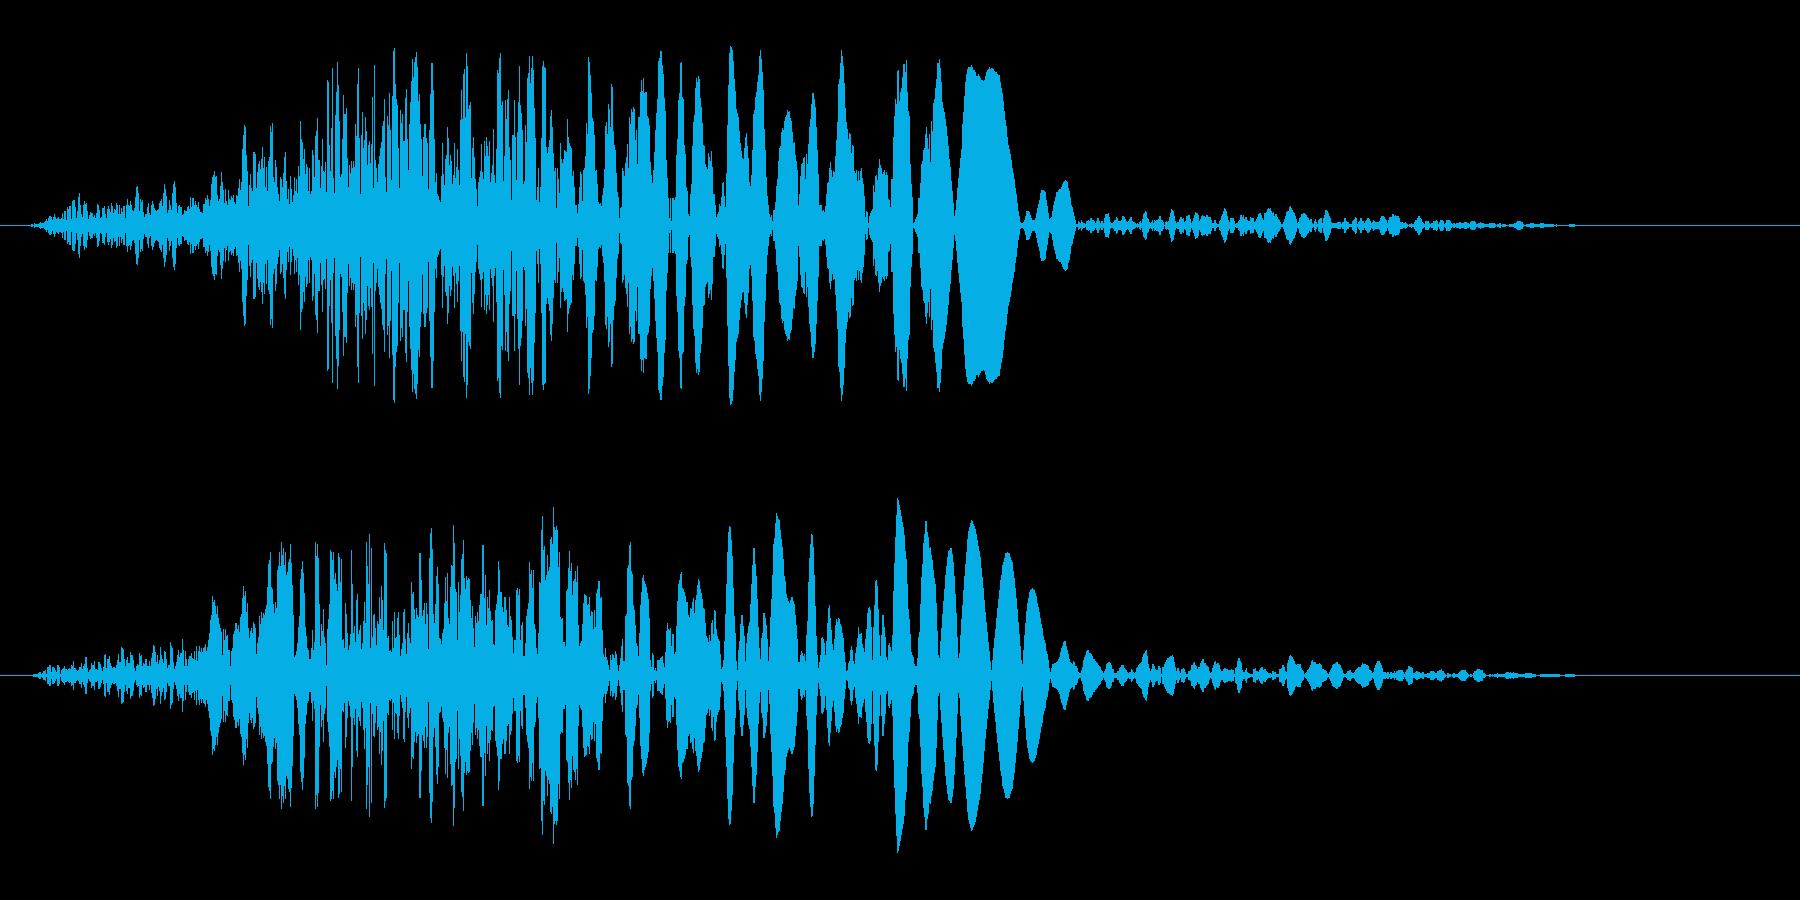 シュルッ!(切れ味のいい刀の切る音)の再生済みの波形